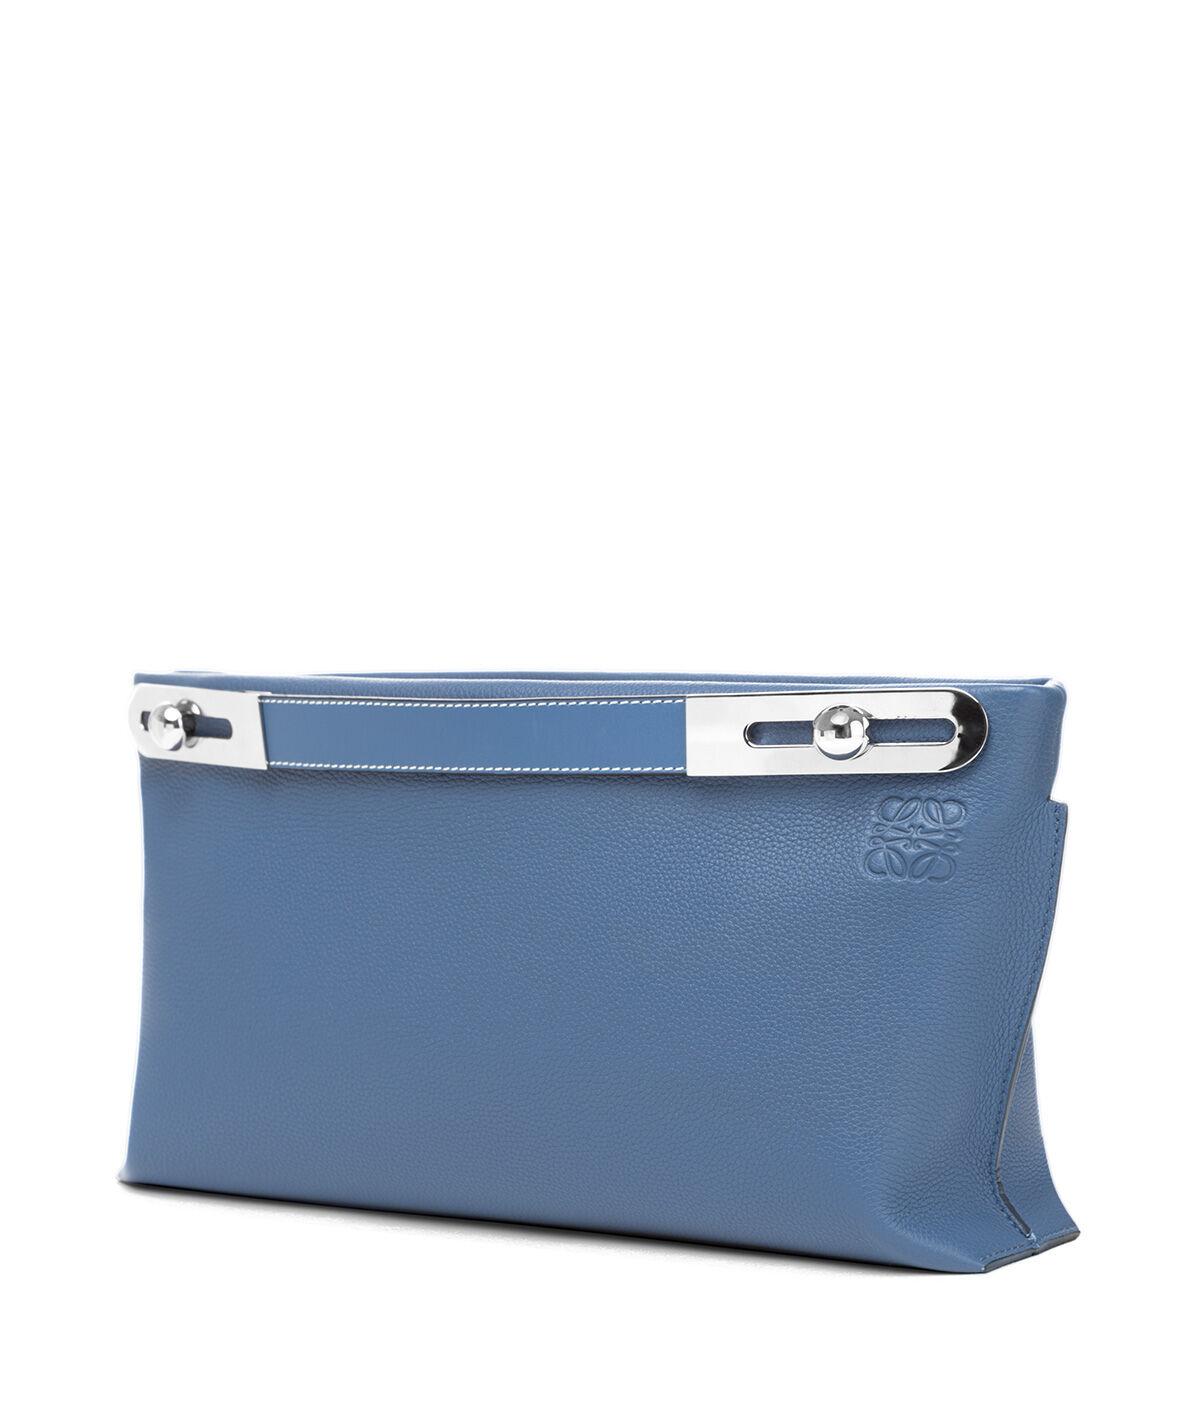 LOEWE Missy Bag Varsity Blue all